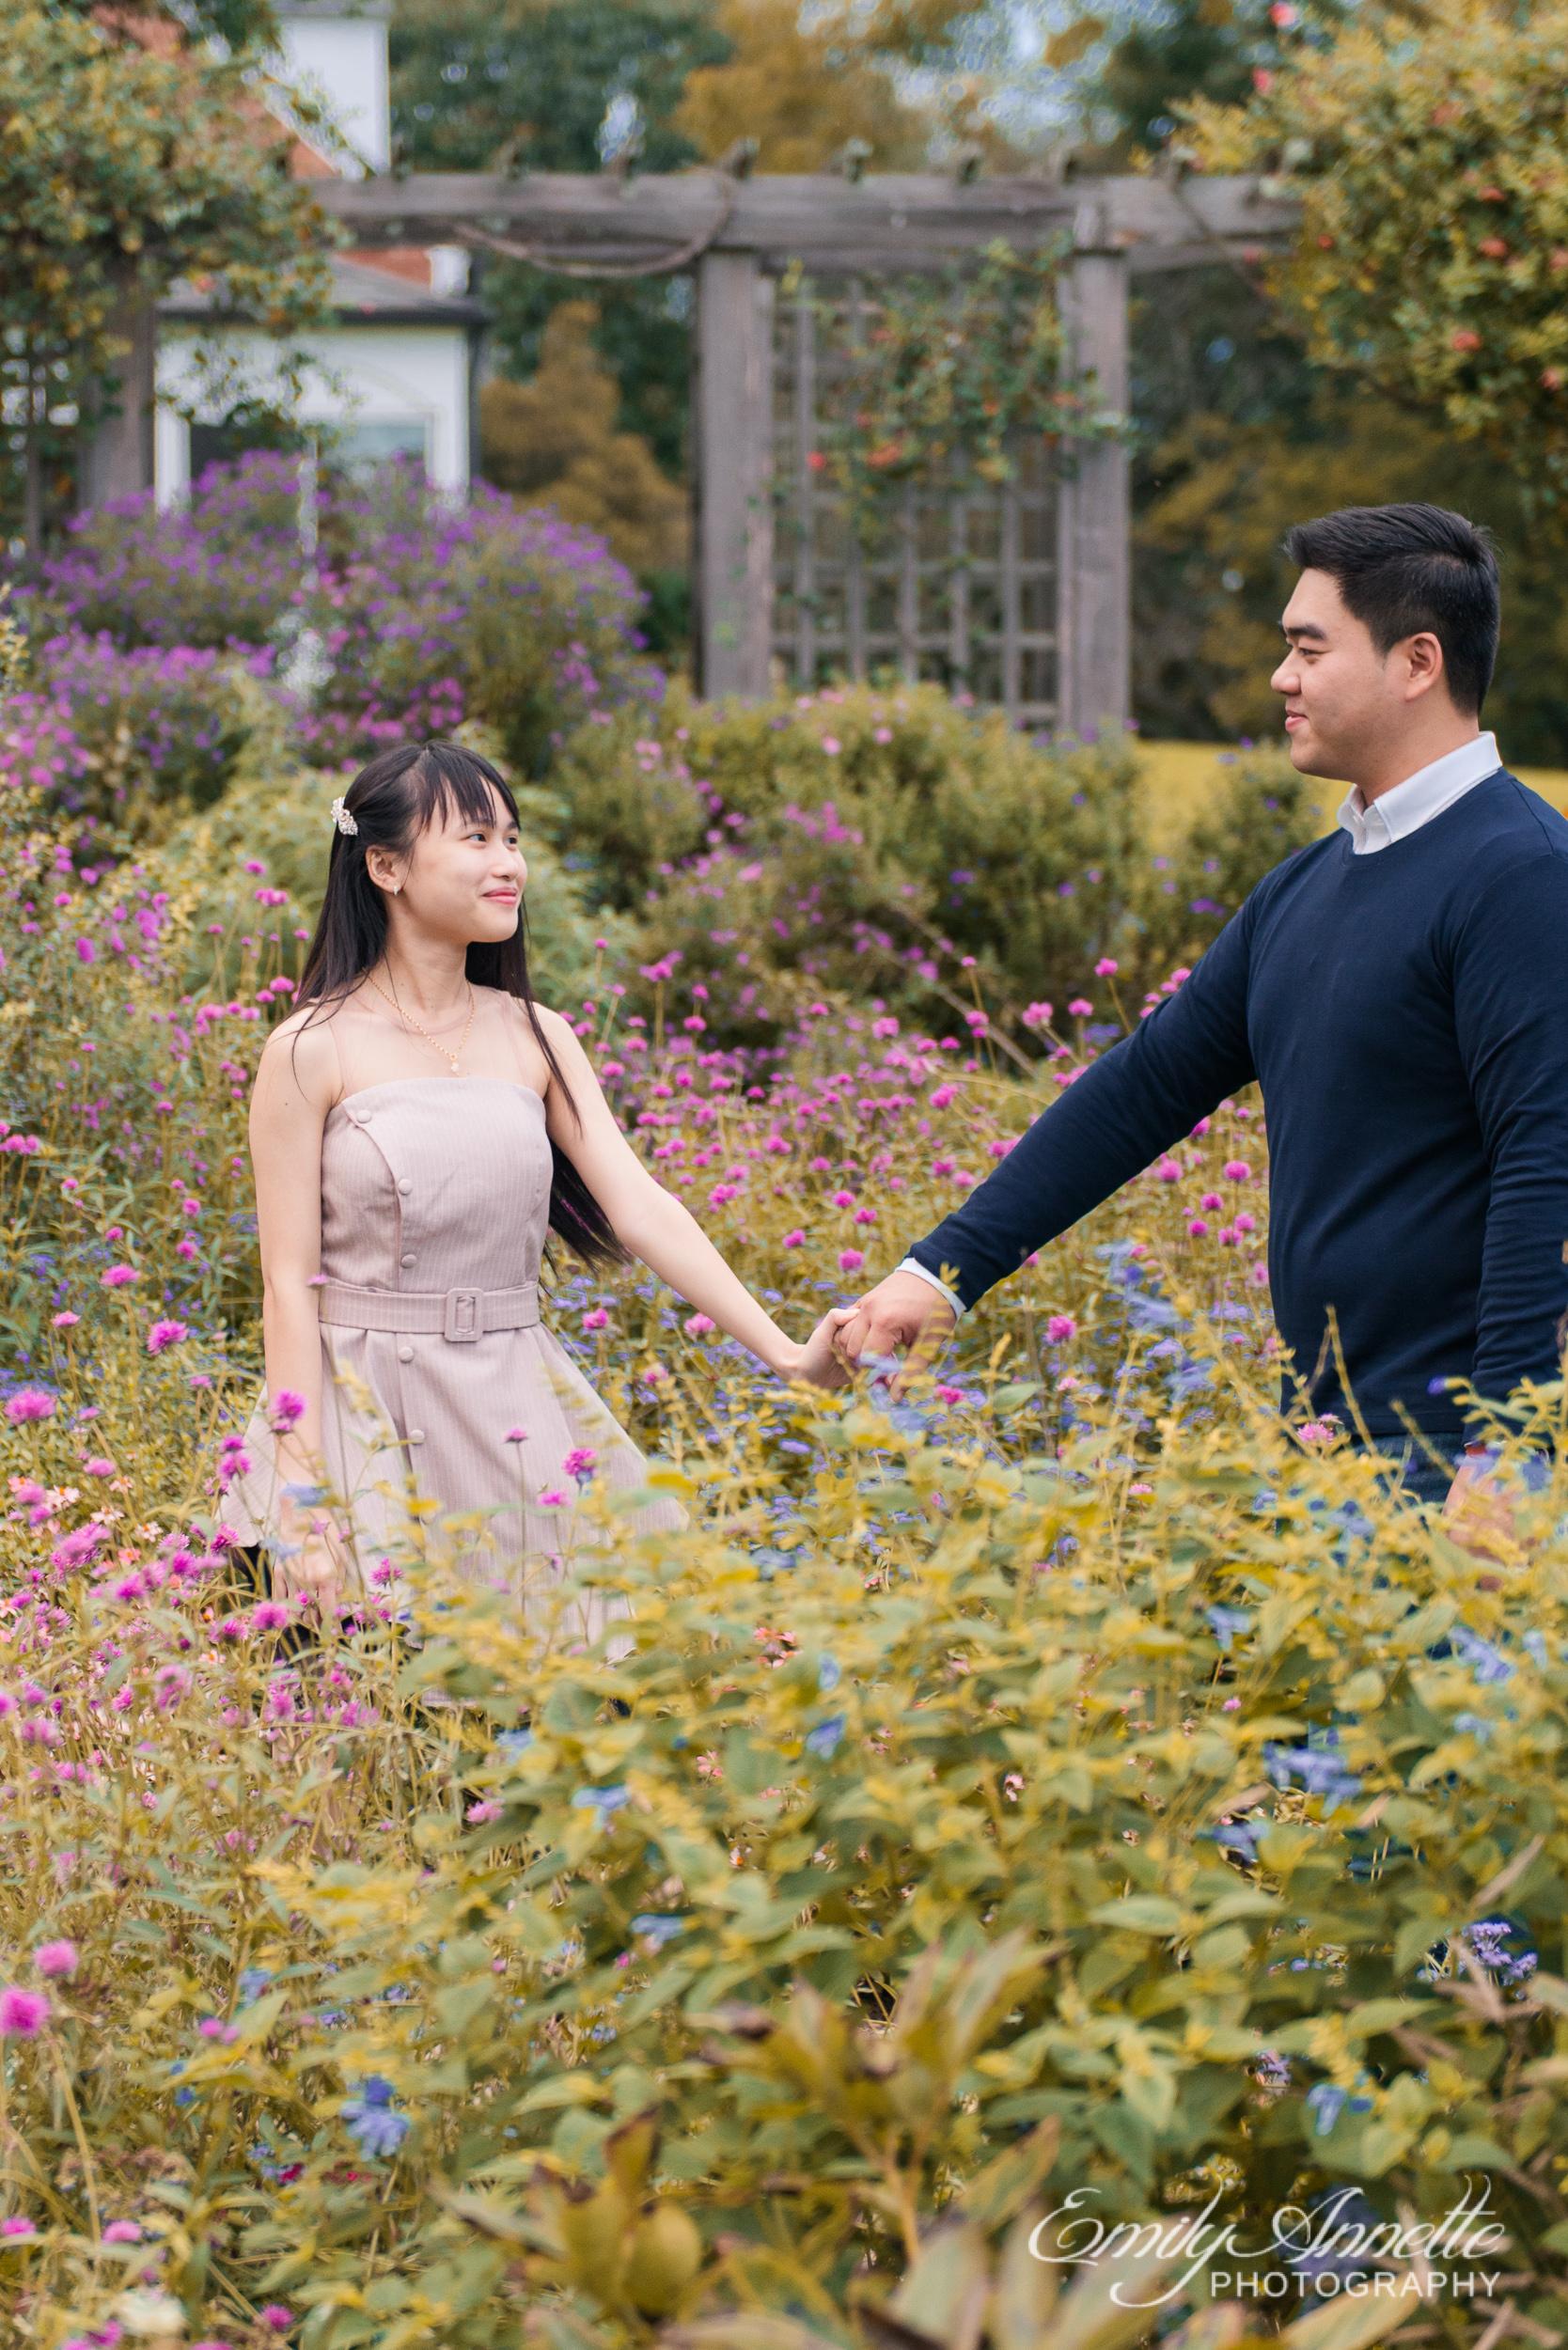 A young couple hold hands and walk through the garden at Green Spring Gardens Park in Fairfax, Virginia